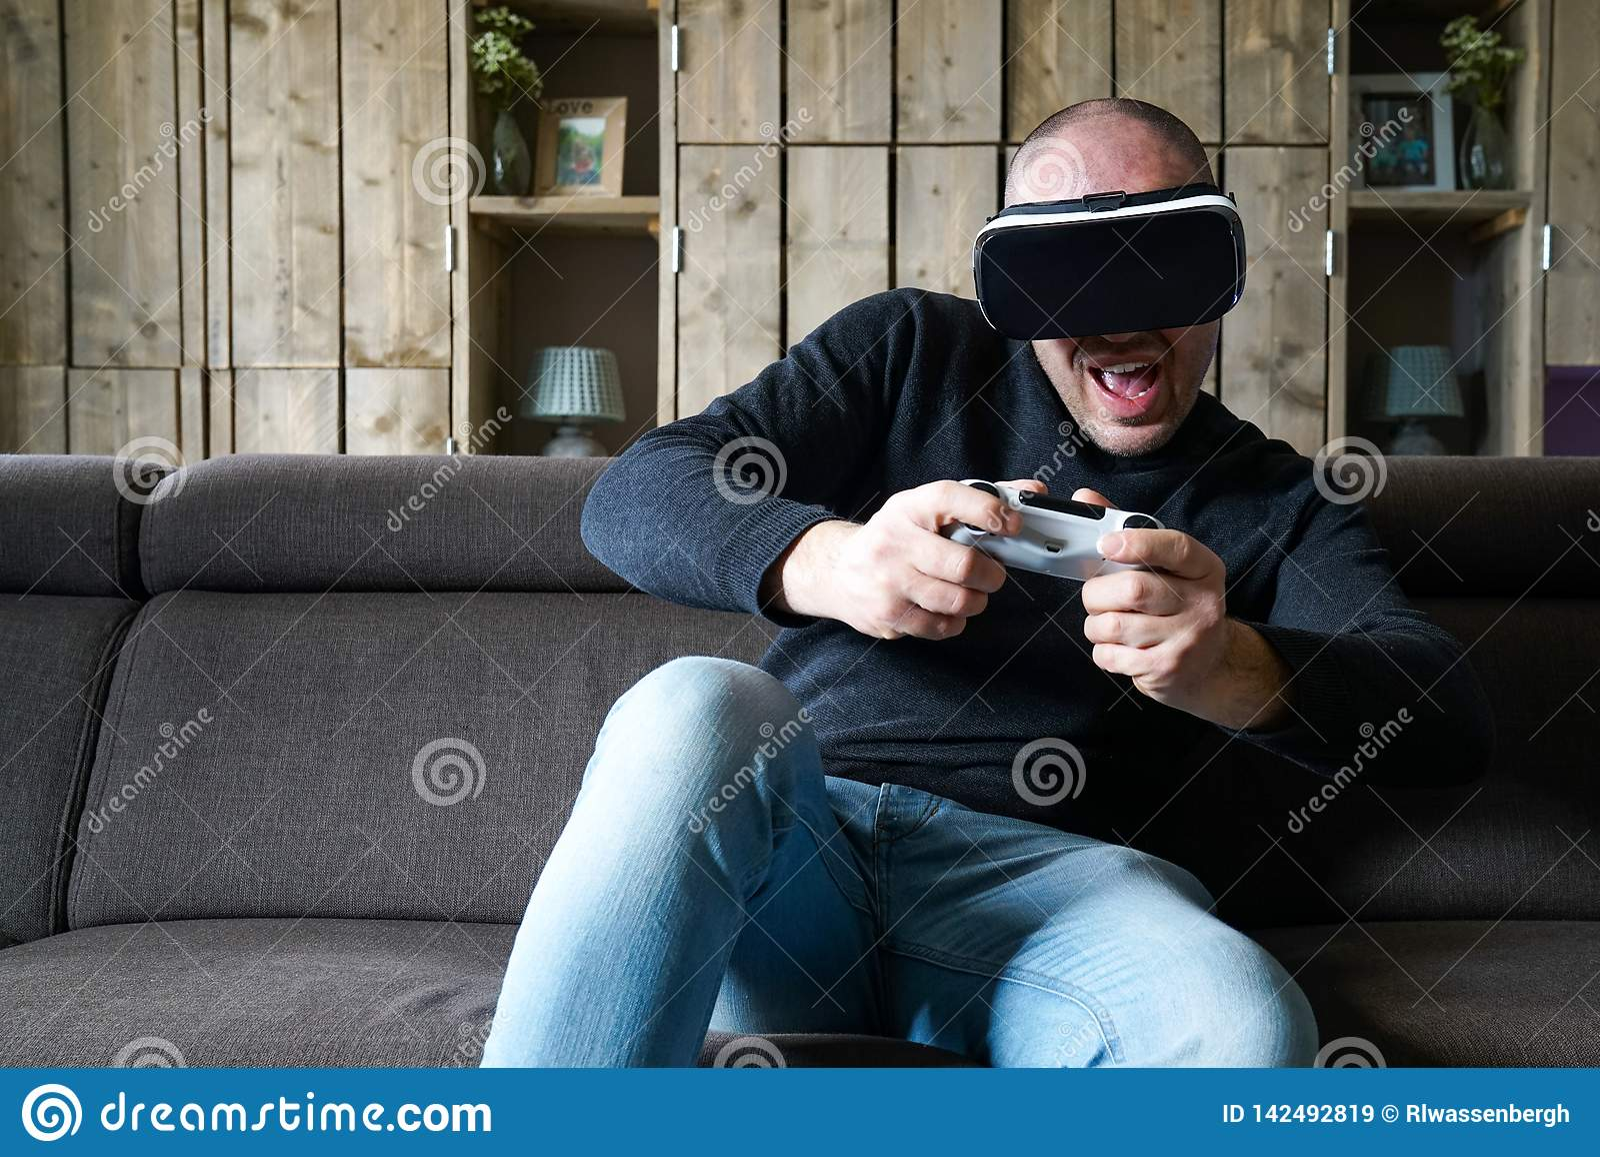 Jeu adulte d homme avec un casque de réalité virtuelle dans son salon